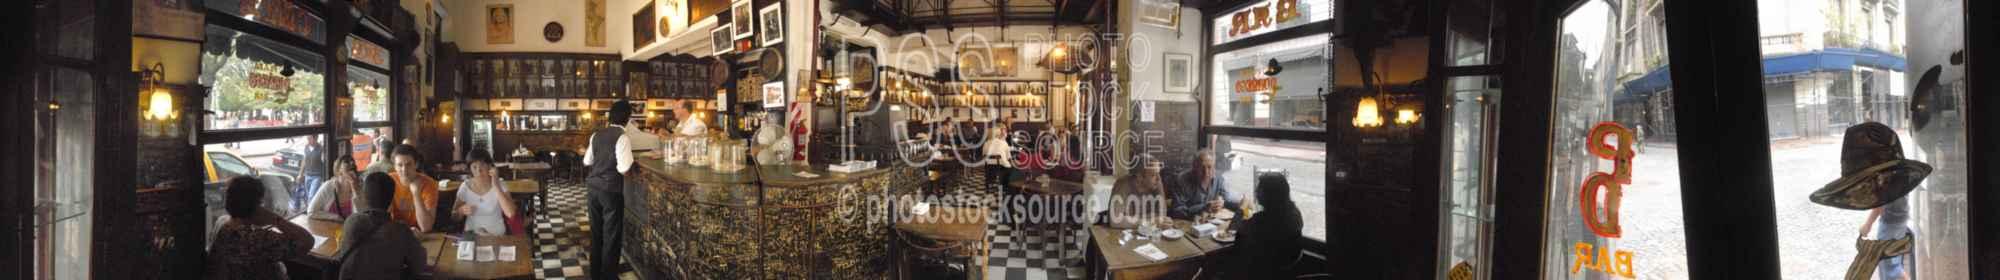 Bar Dorrego Historic Interior